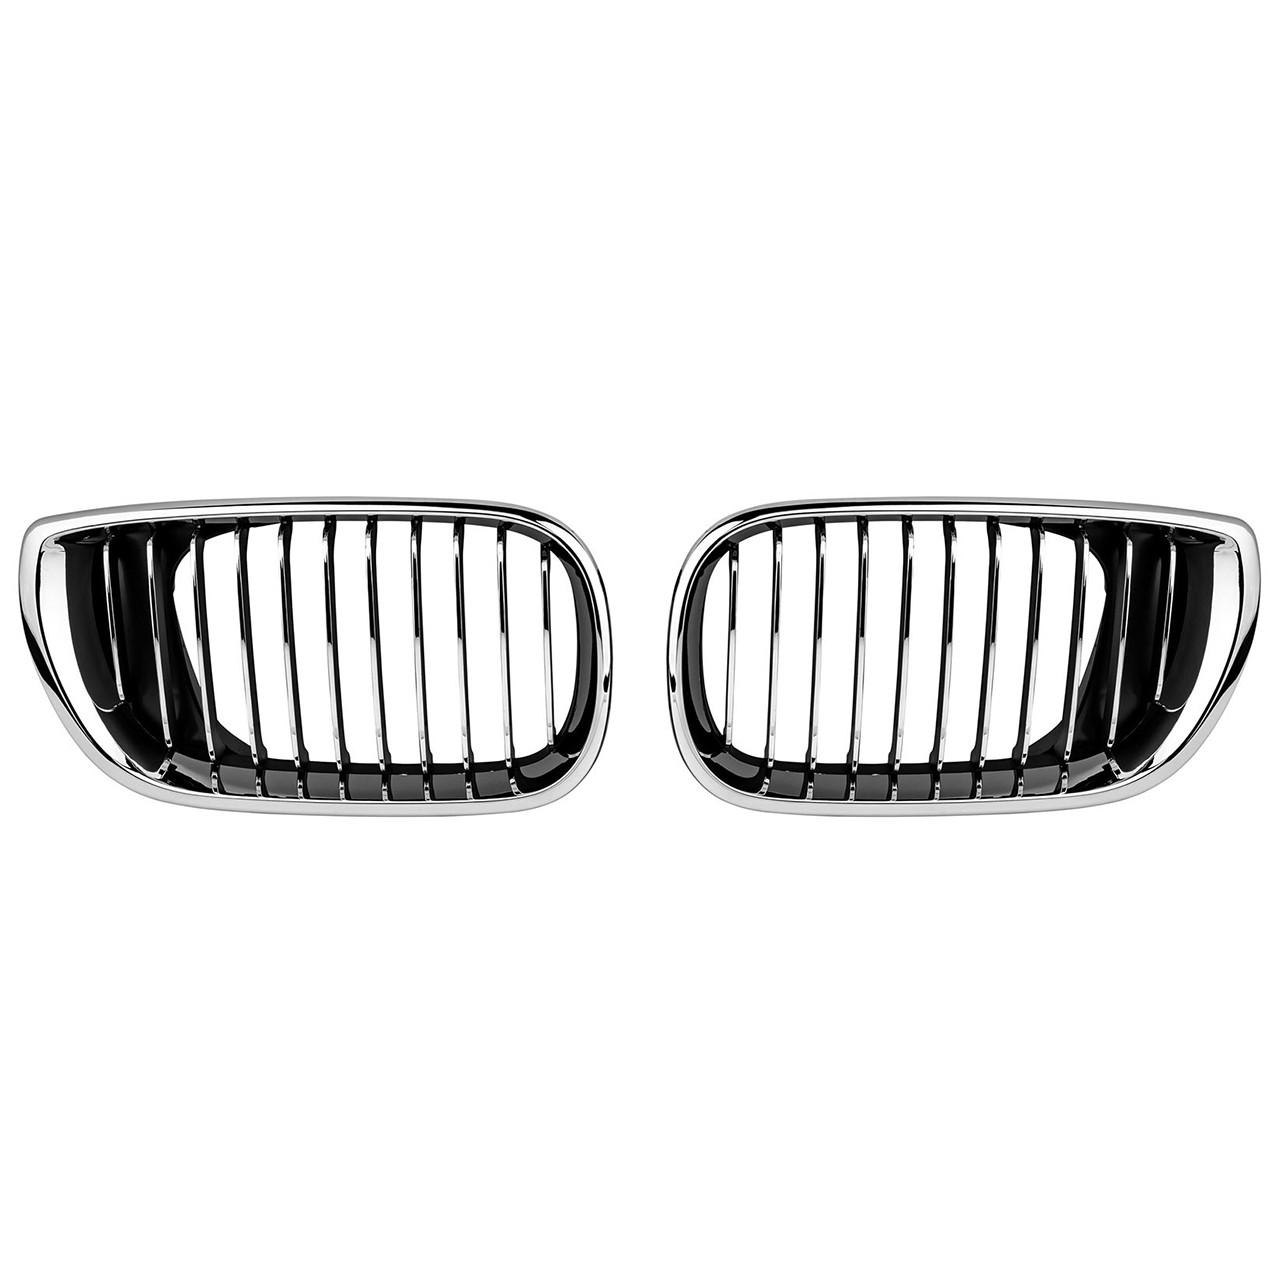 Grile BMW Seria 3 E46 (01-05) Negru Crom